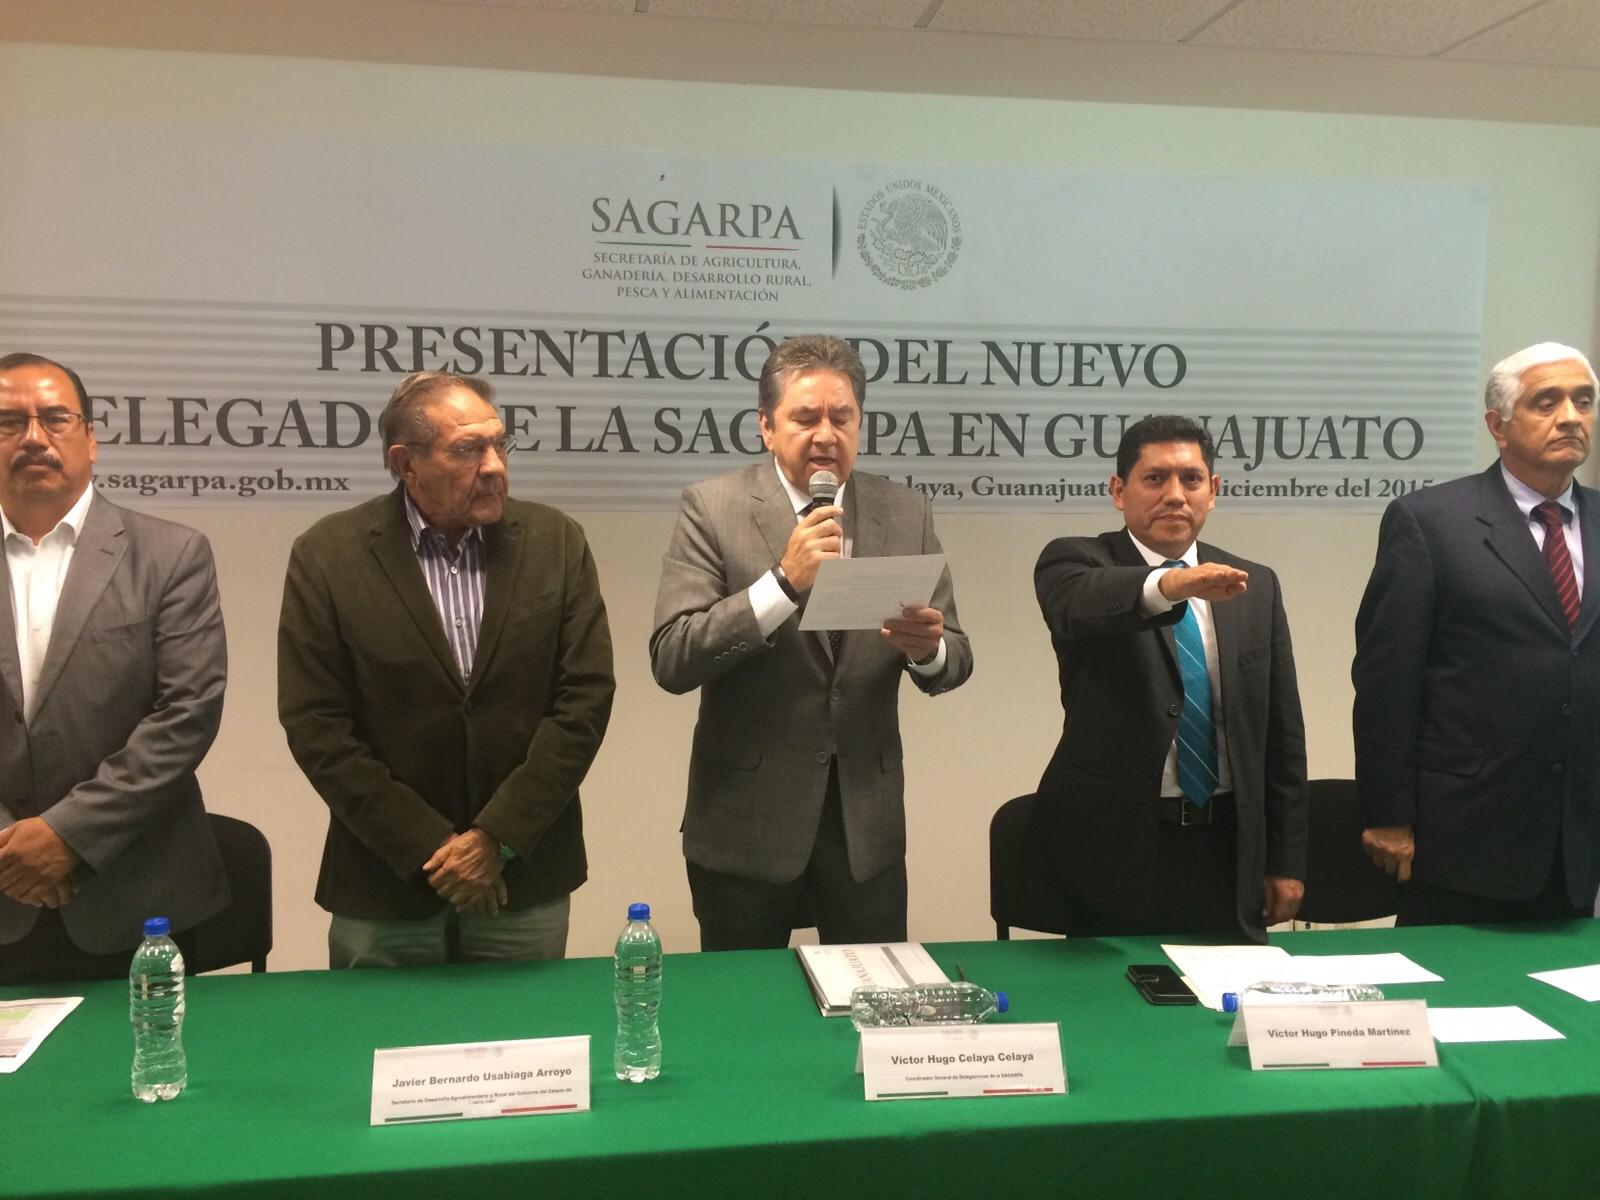 Toma de protesta del nuevo delegado de la SAGARPA en Guanajuato.